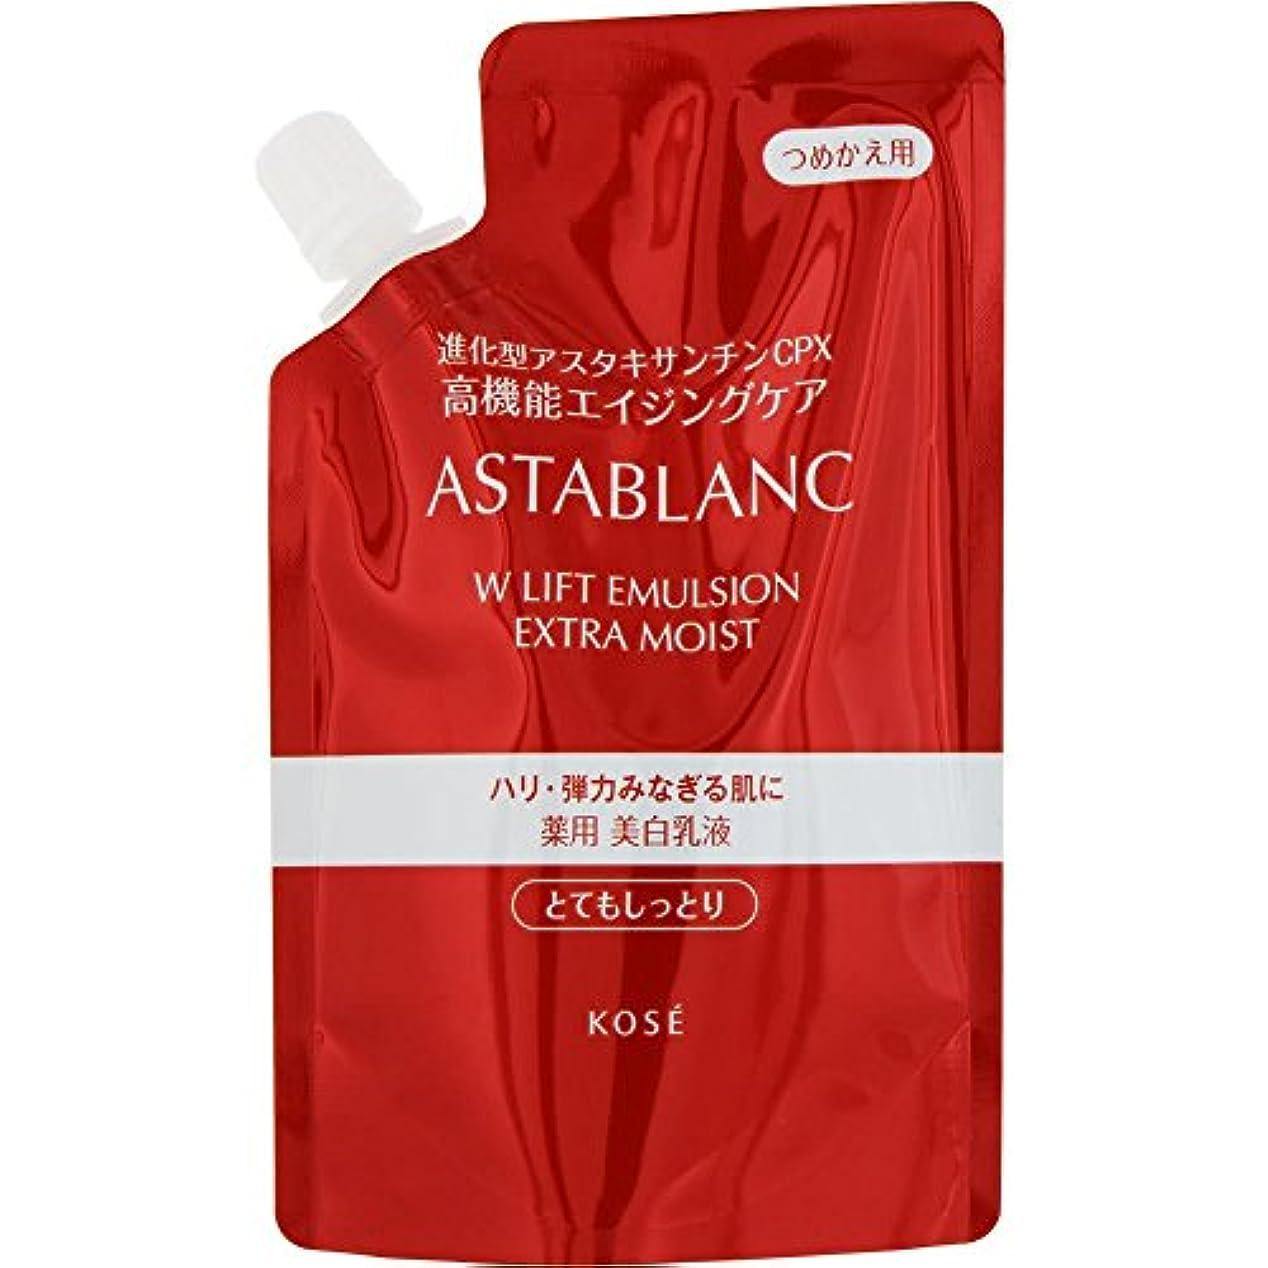 呼びかける絶壁バイソン[医薬部外品] アスタブラン Wリフト エマルジョン とてもしっとり (つめかえ用) 90mL